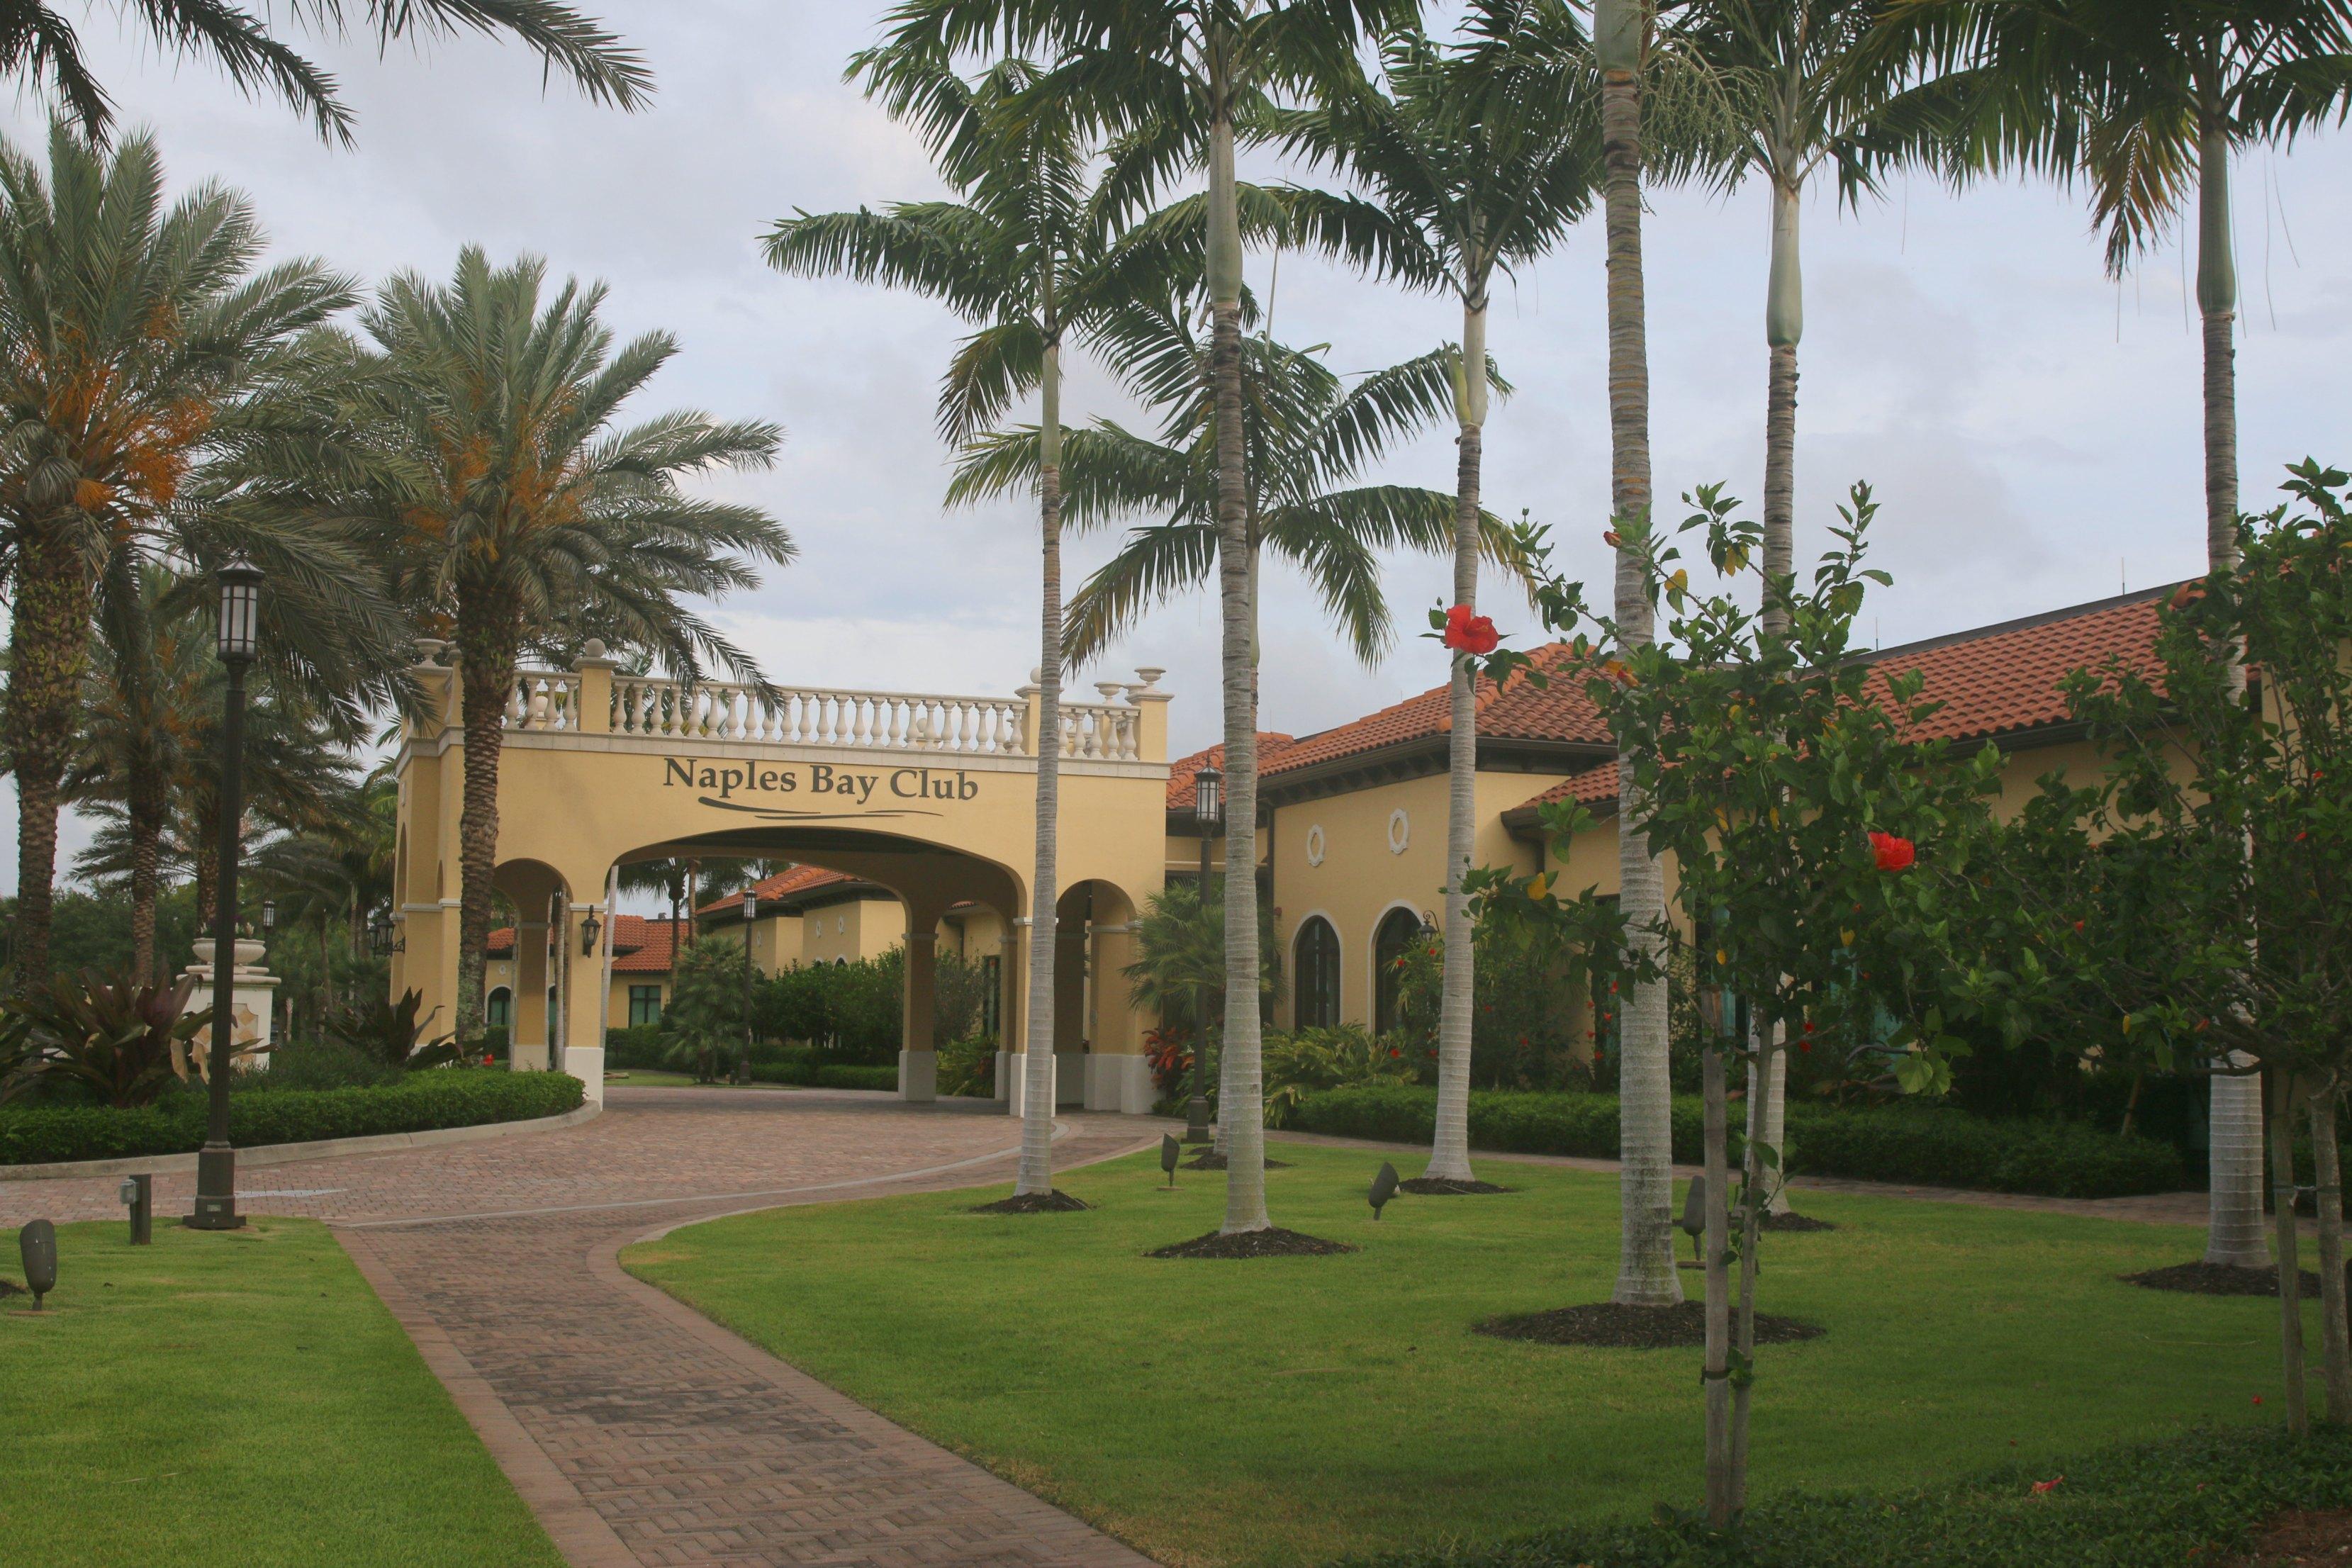 Naples Bay Club